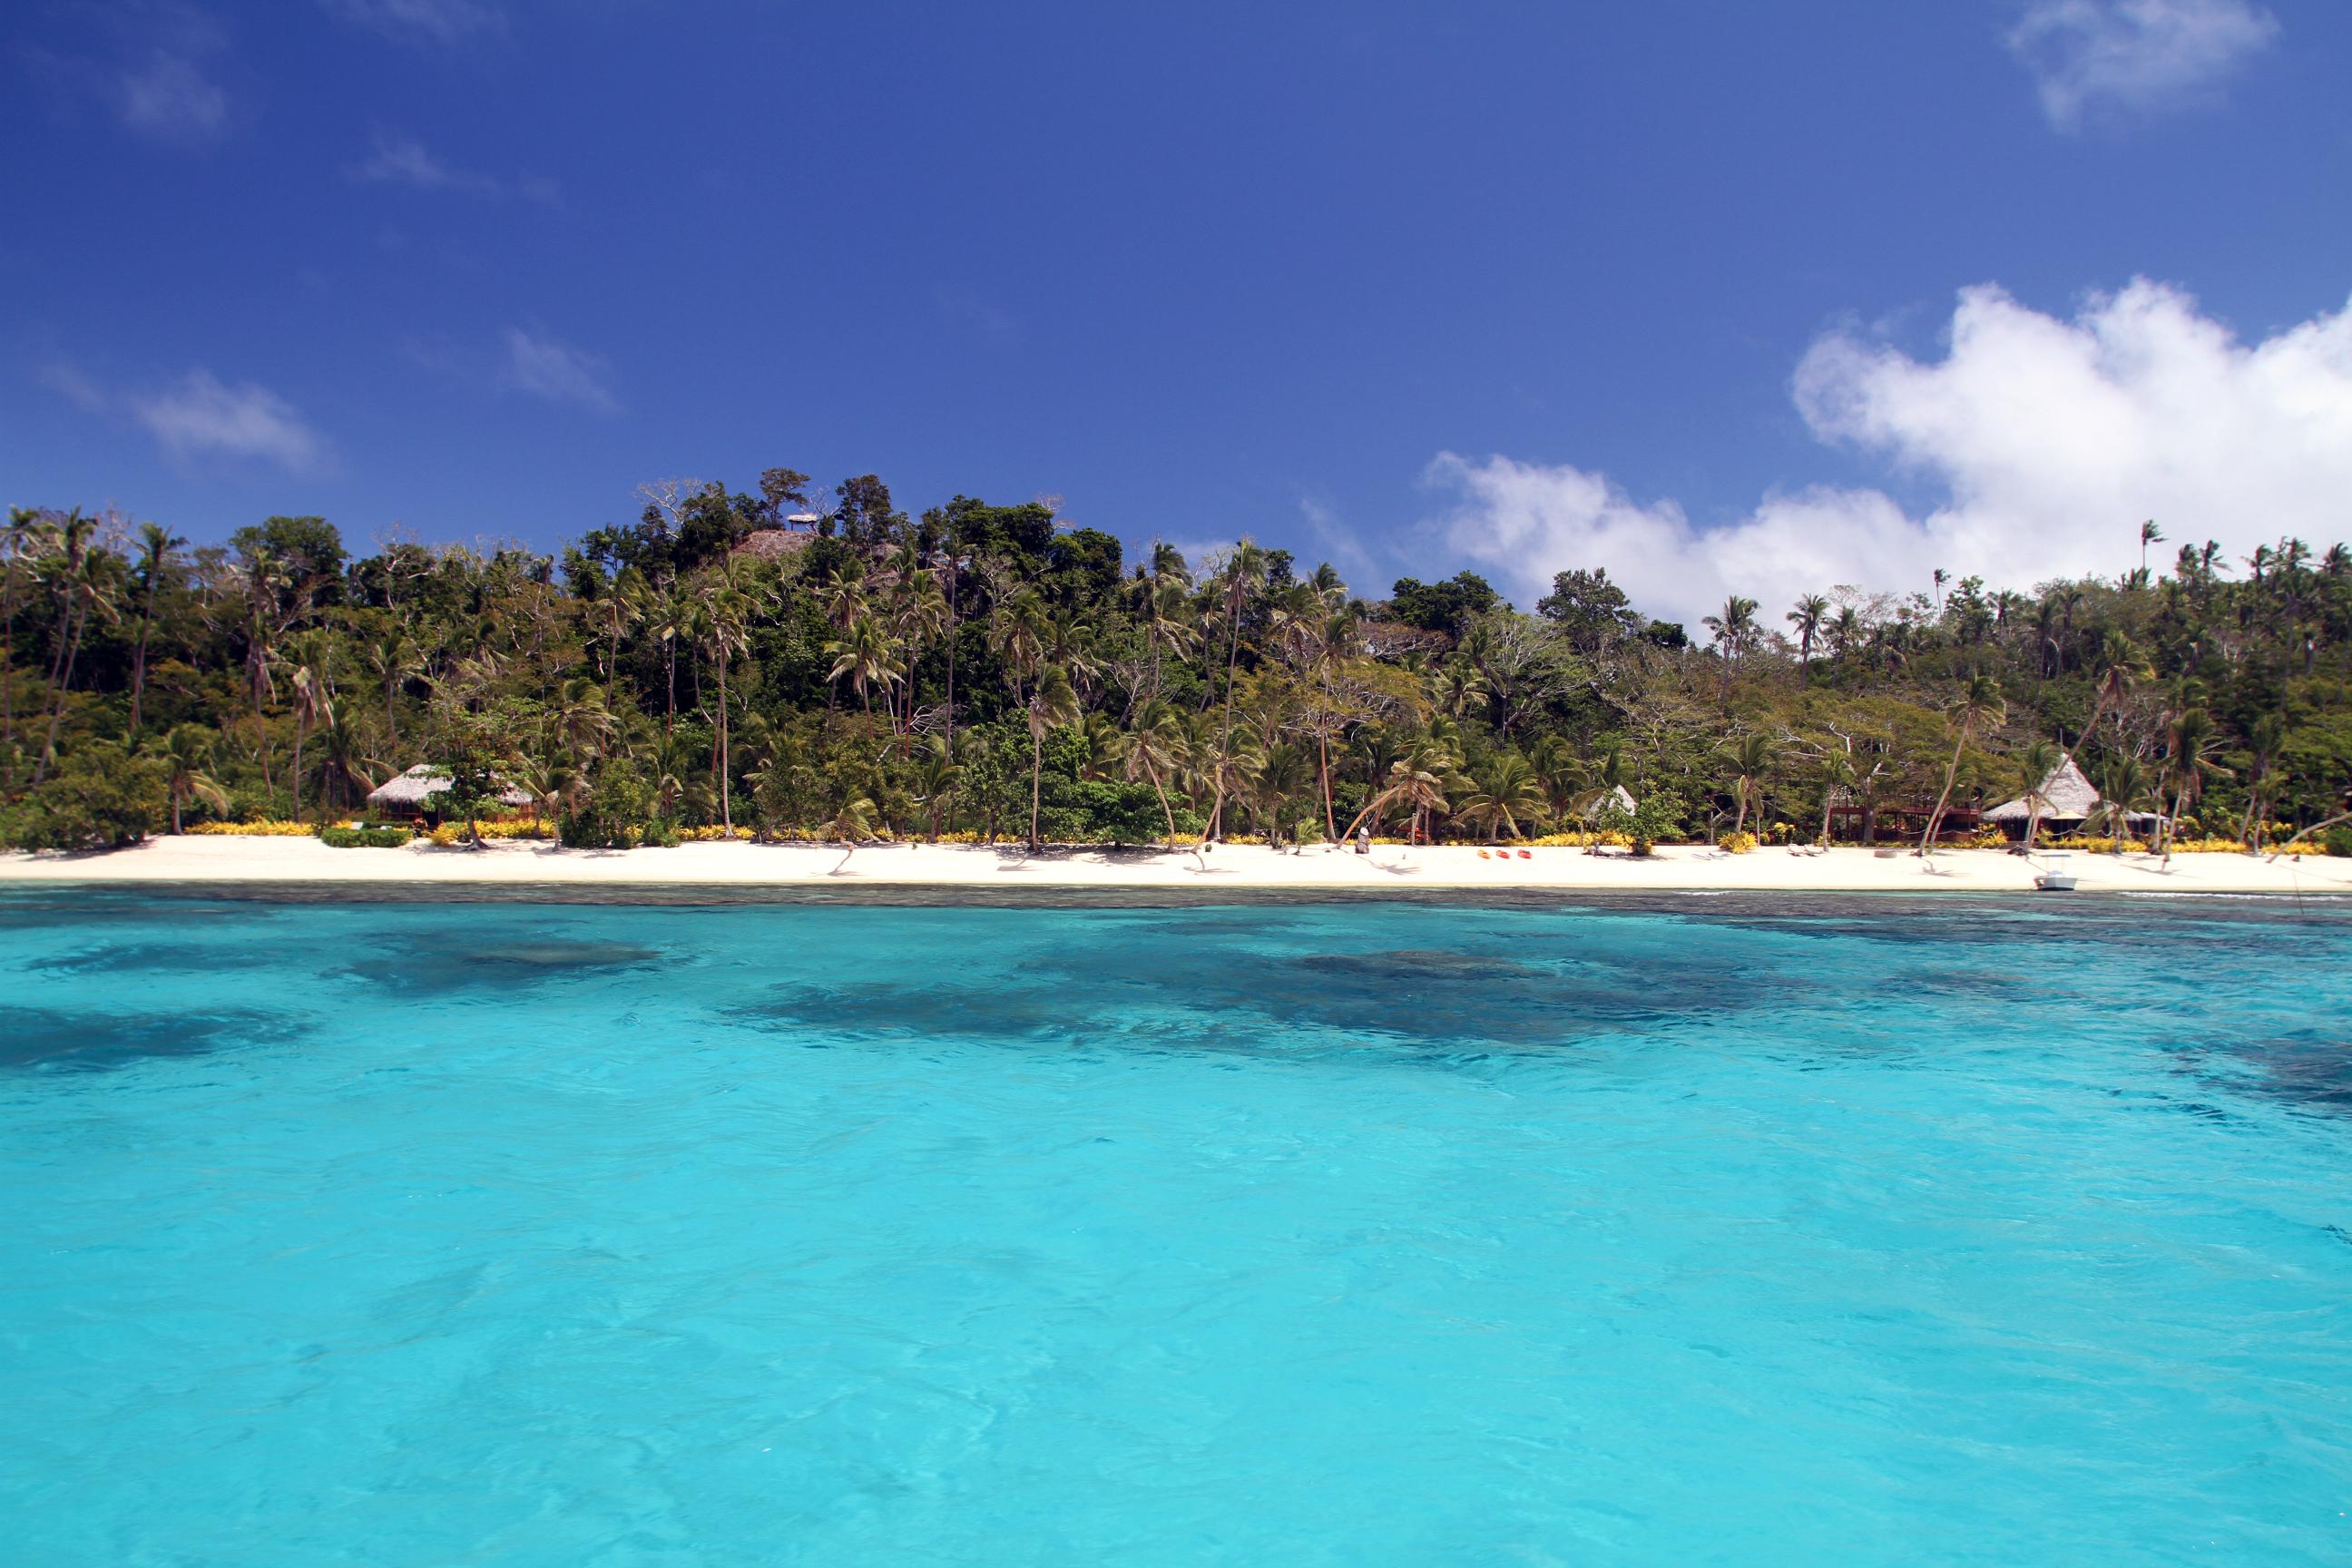 Rainbow Reef Resort